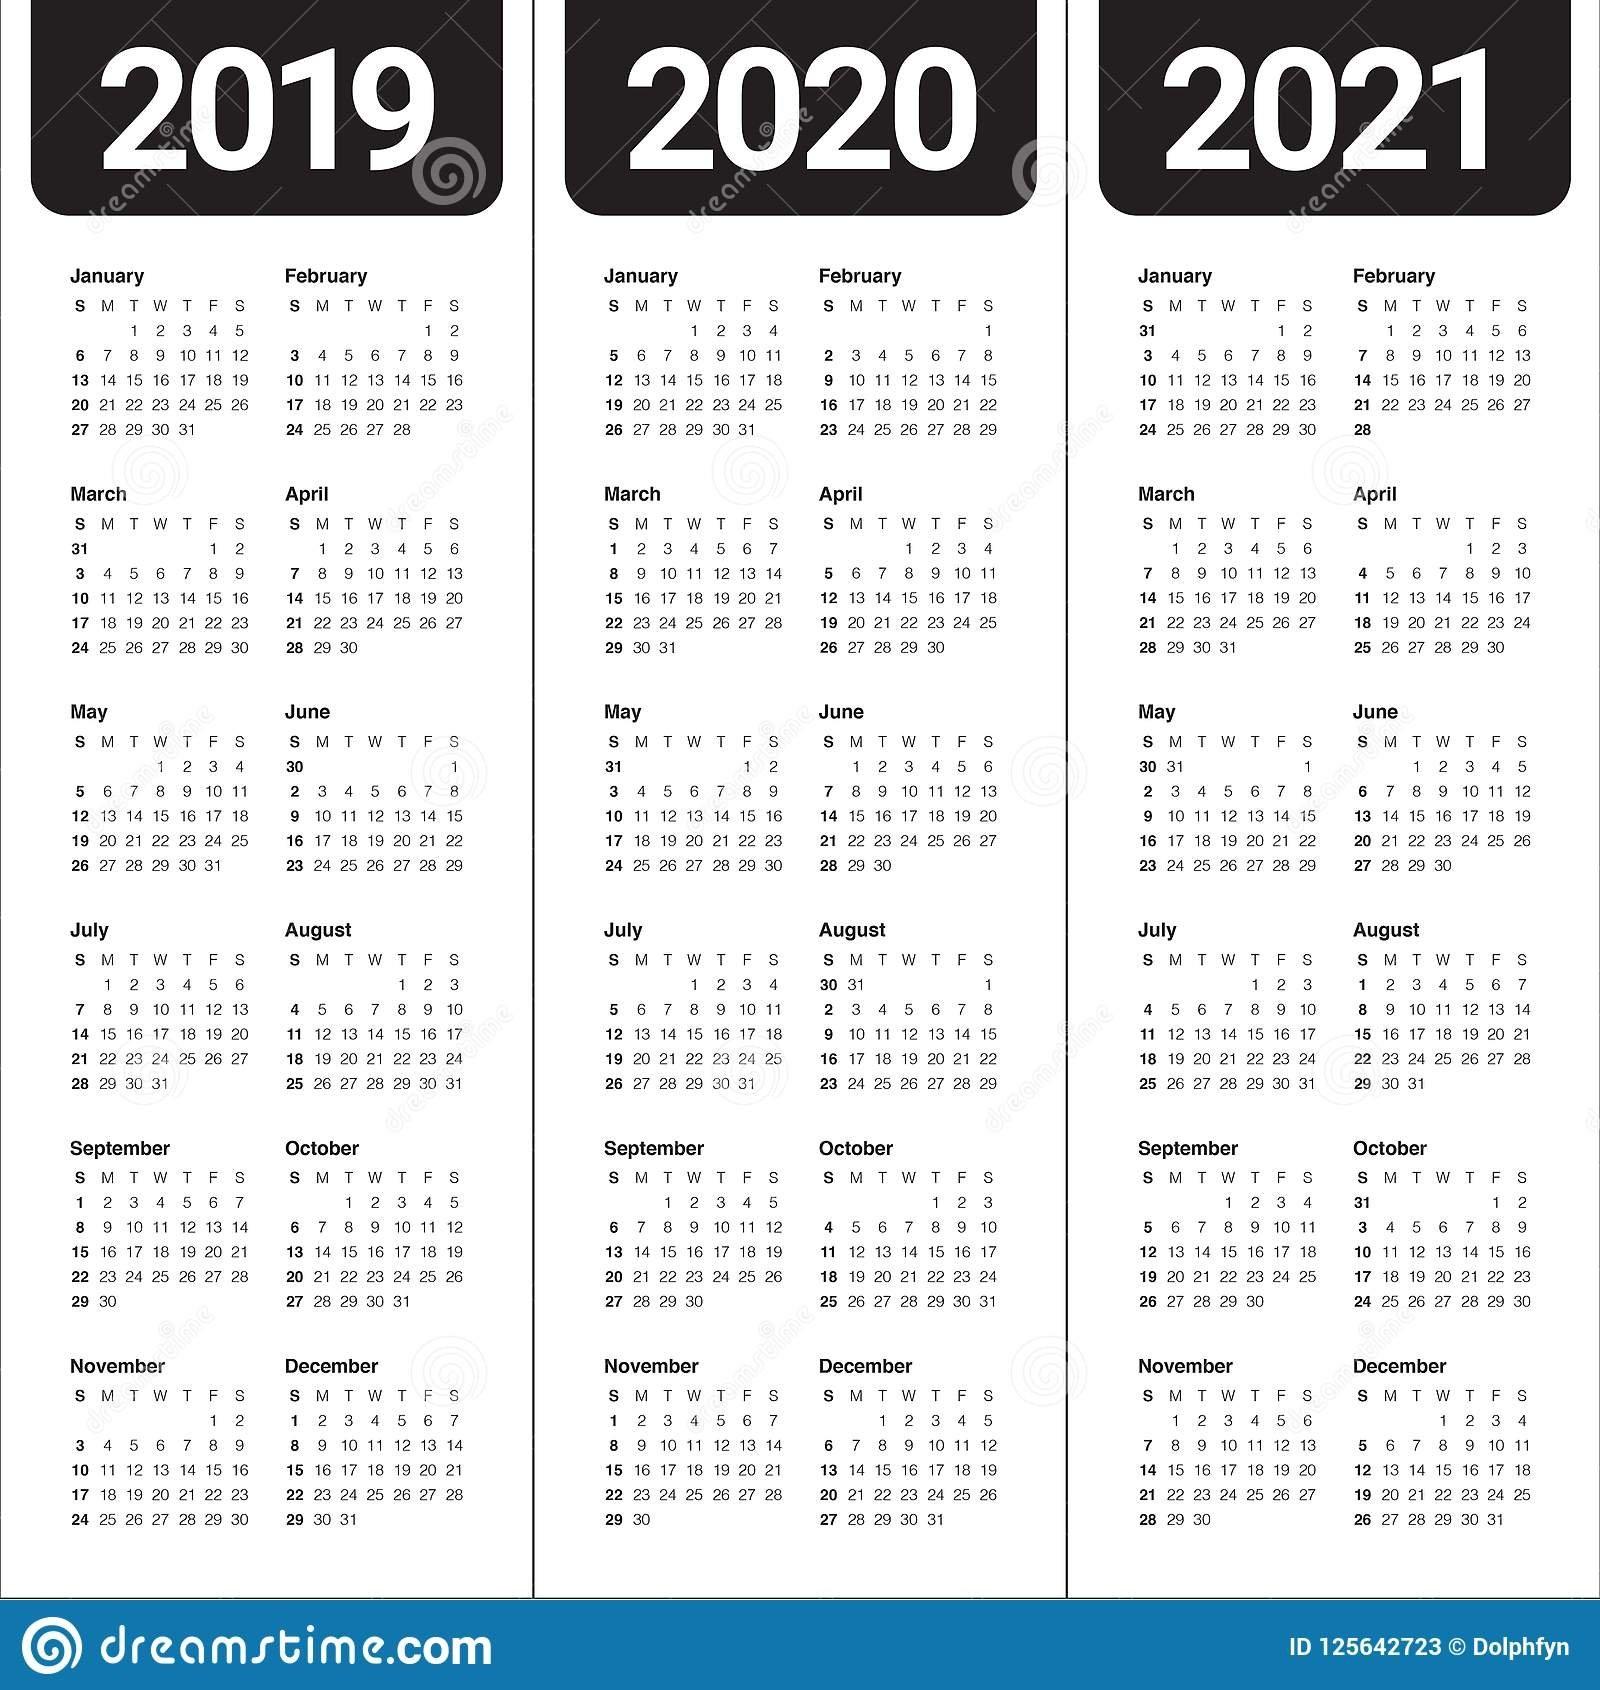 Year 2019 2020 2021 Calendar Vector Design Template Stock Vector 3 Year Calendar 2019 To 2021